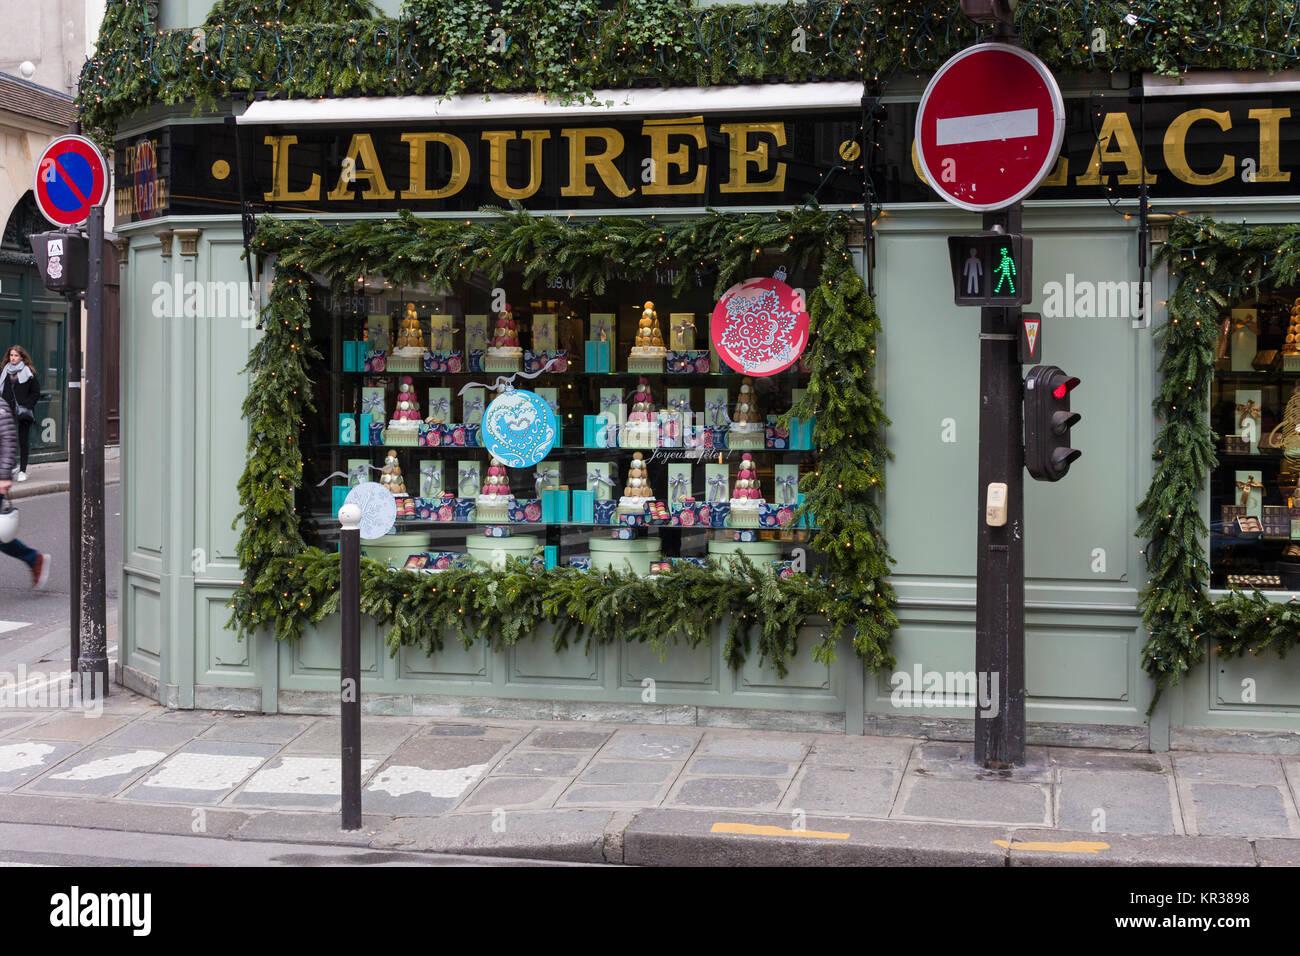 Ladurée , Rue Bonaparte, Paris, France - Stock Image